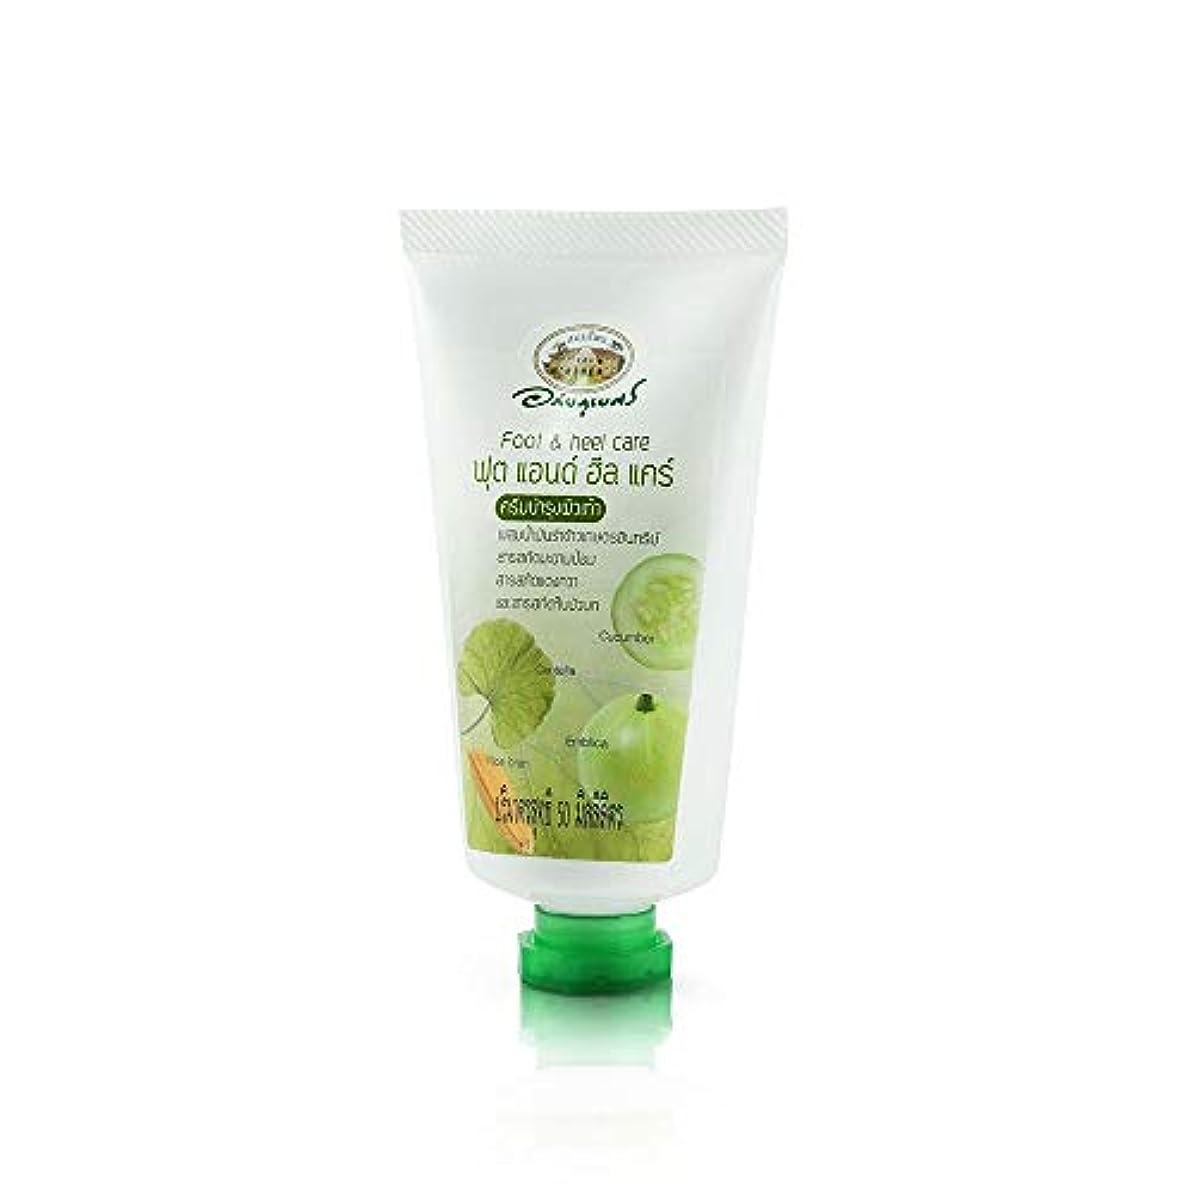 説得手のひら知覚Abhaibhubejhr Cucumber Rice Bran Oil Centella Foot And Heel Care Cream 50ml. Abhaibhubejhrキュウリ米ぬか油Centellaフットアンドヒールケアクリーム...